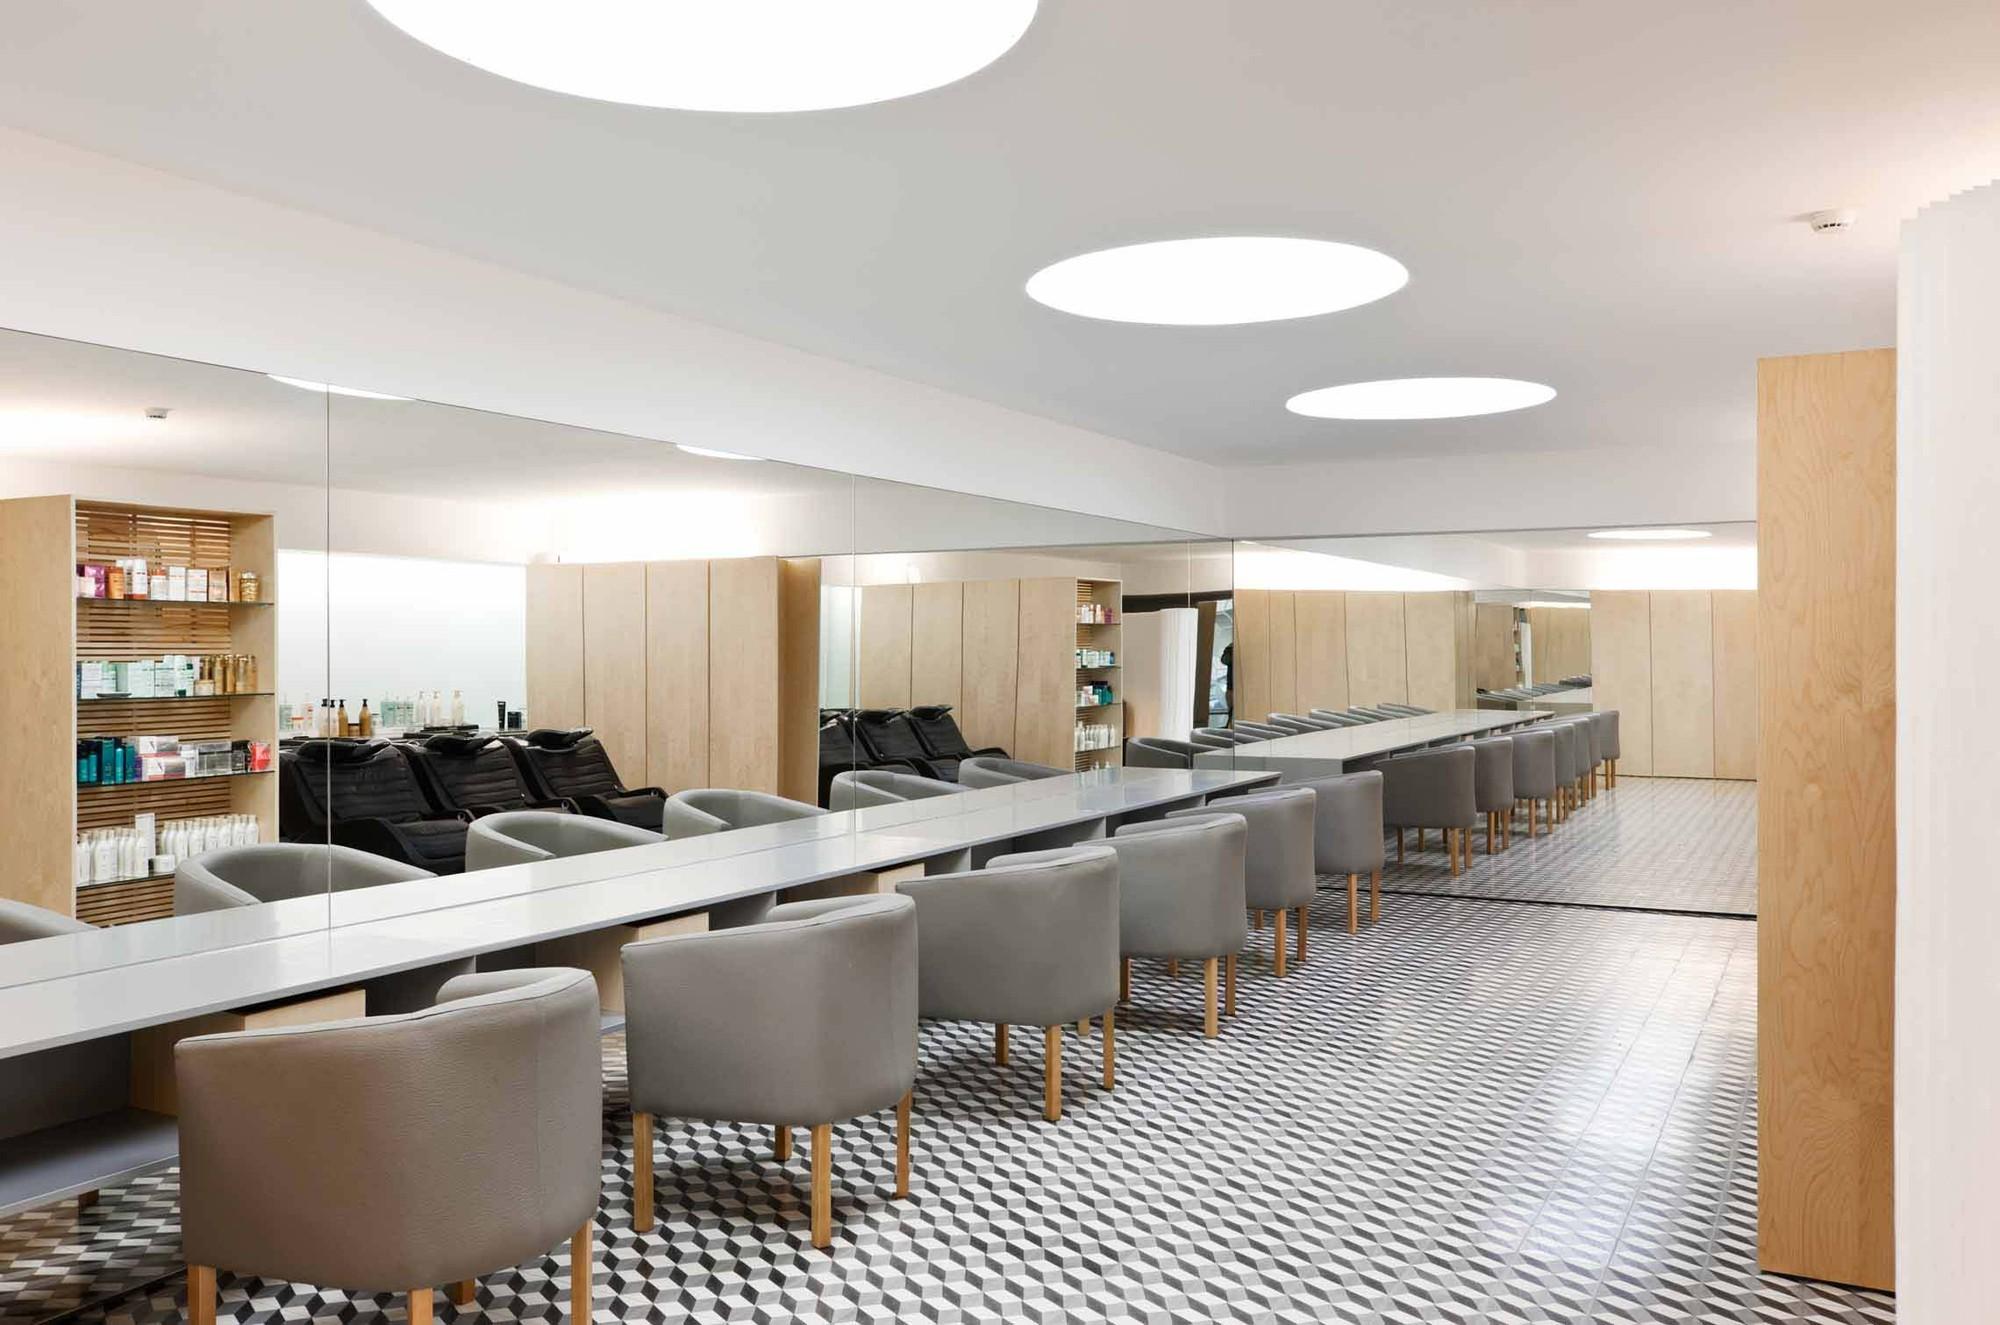 Salão de Cabeleireiro no Porto / CorreiaRagazzi arquitectos, © Luís Ferreira Alves